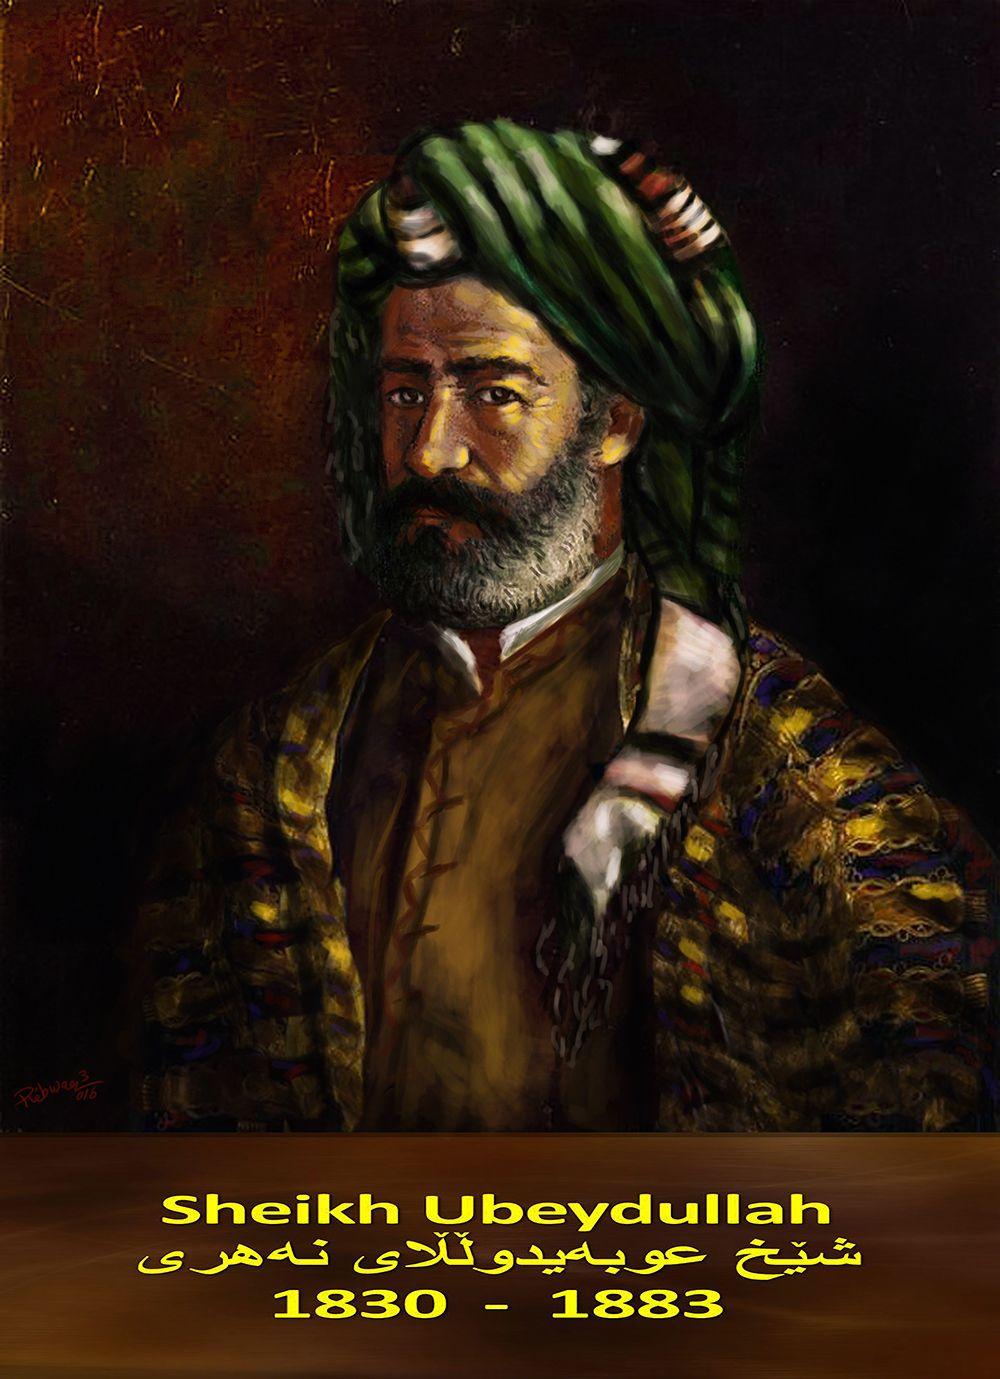 Sheikh Ubeydullah 1830 1883 Was The Leader Of The First Modern Kurdish Nationalist Struggle By Rebwar K Ta Sculpture Art Clay Iranian Beauty Sculpture Art